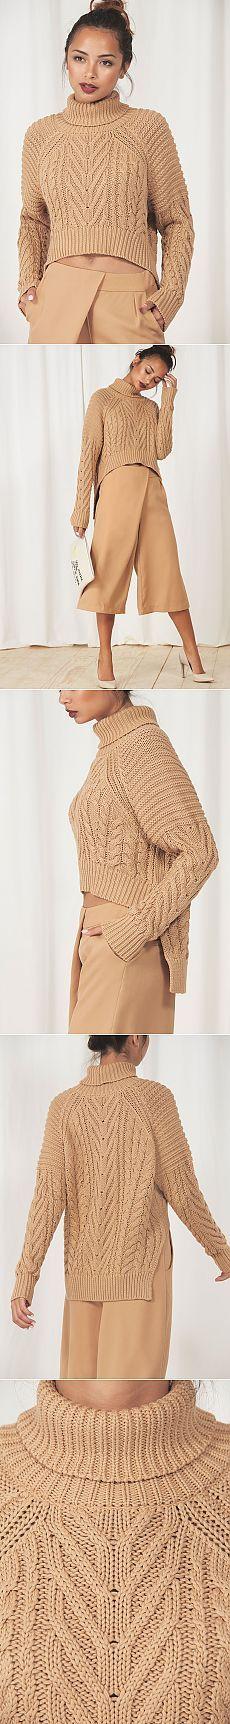 Песочный пуловер с косами. Идея для вязания | Шкатулочка для рукодельниц